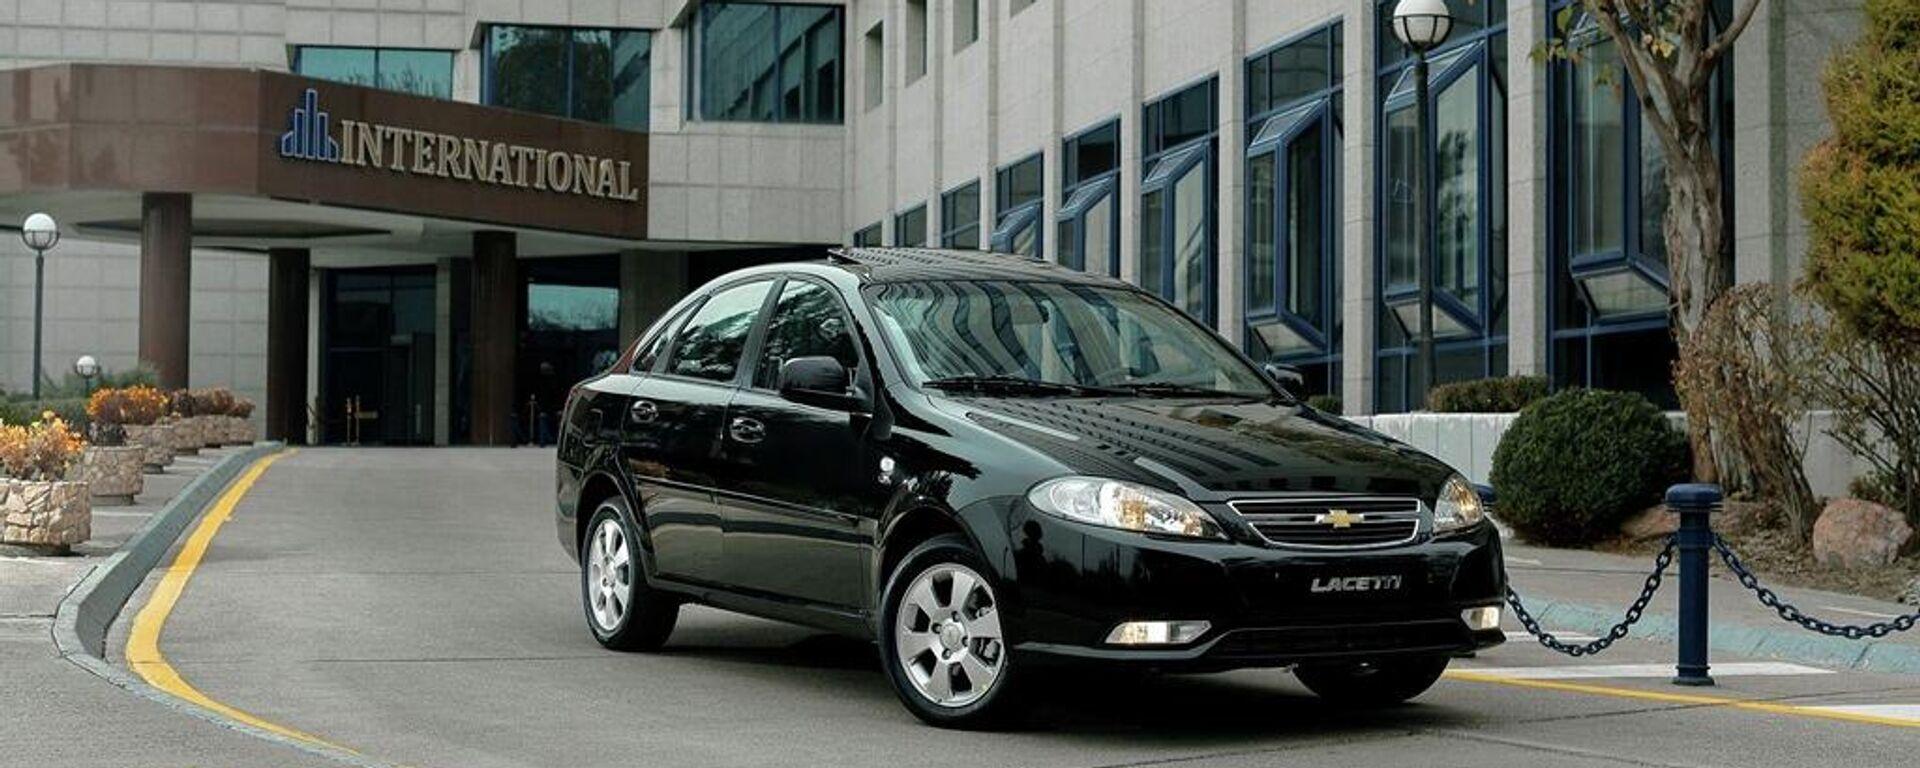 АО UzAuto Motors объявляет о старте продаж четырех моделей бренда Chevrolet –Spark, Cobalt, Nexia и Lacetti в Таджикистане  - Sputnik Ўзбекистон, 1920, 03.10.2021